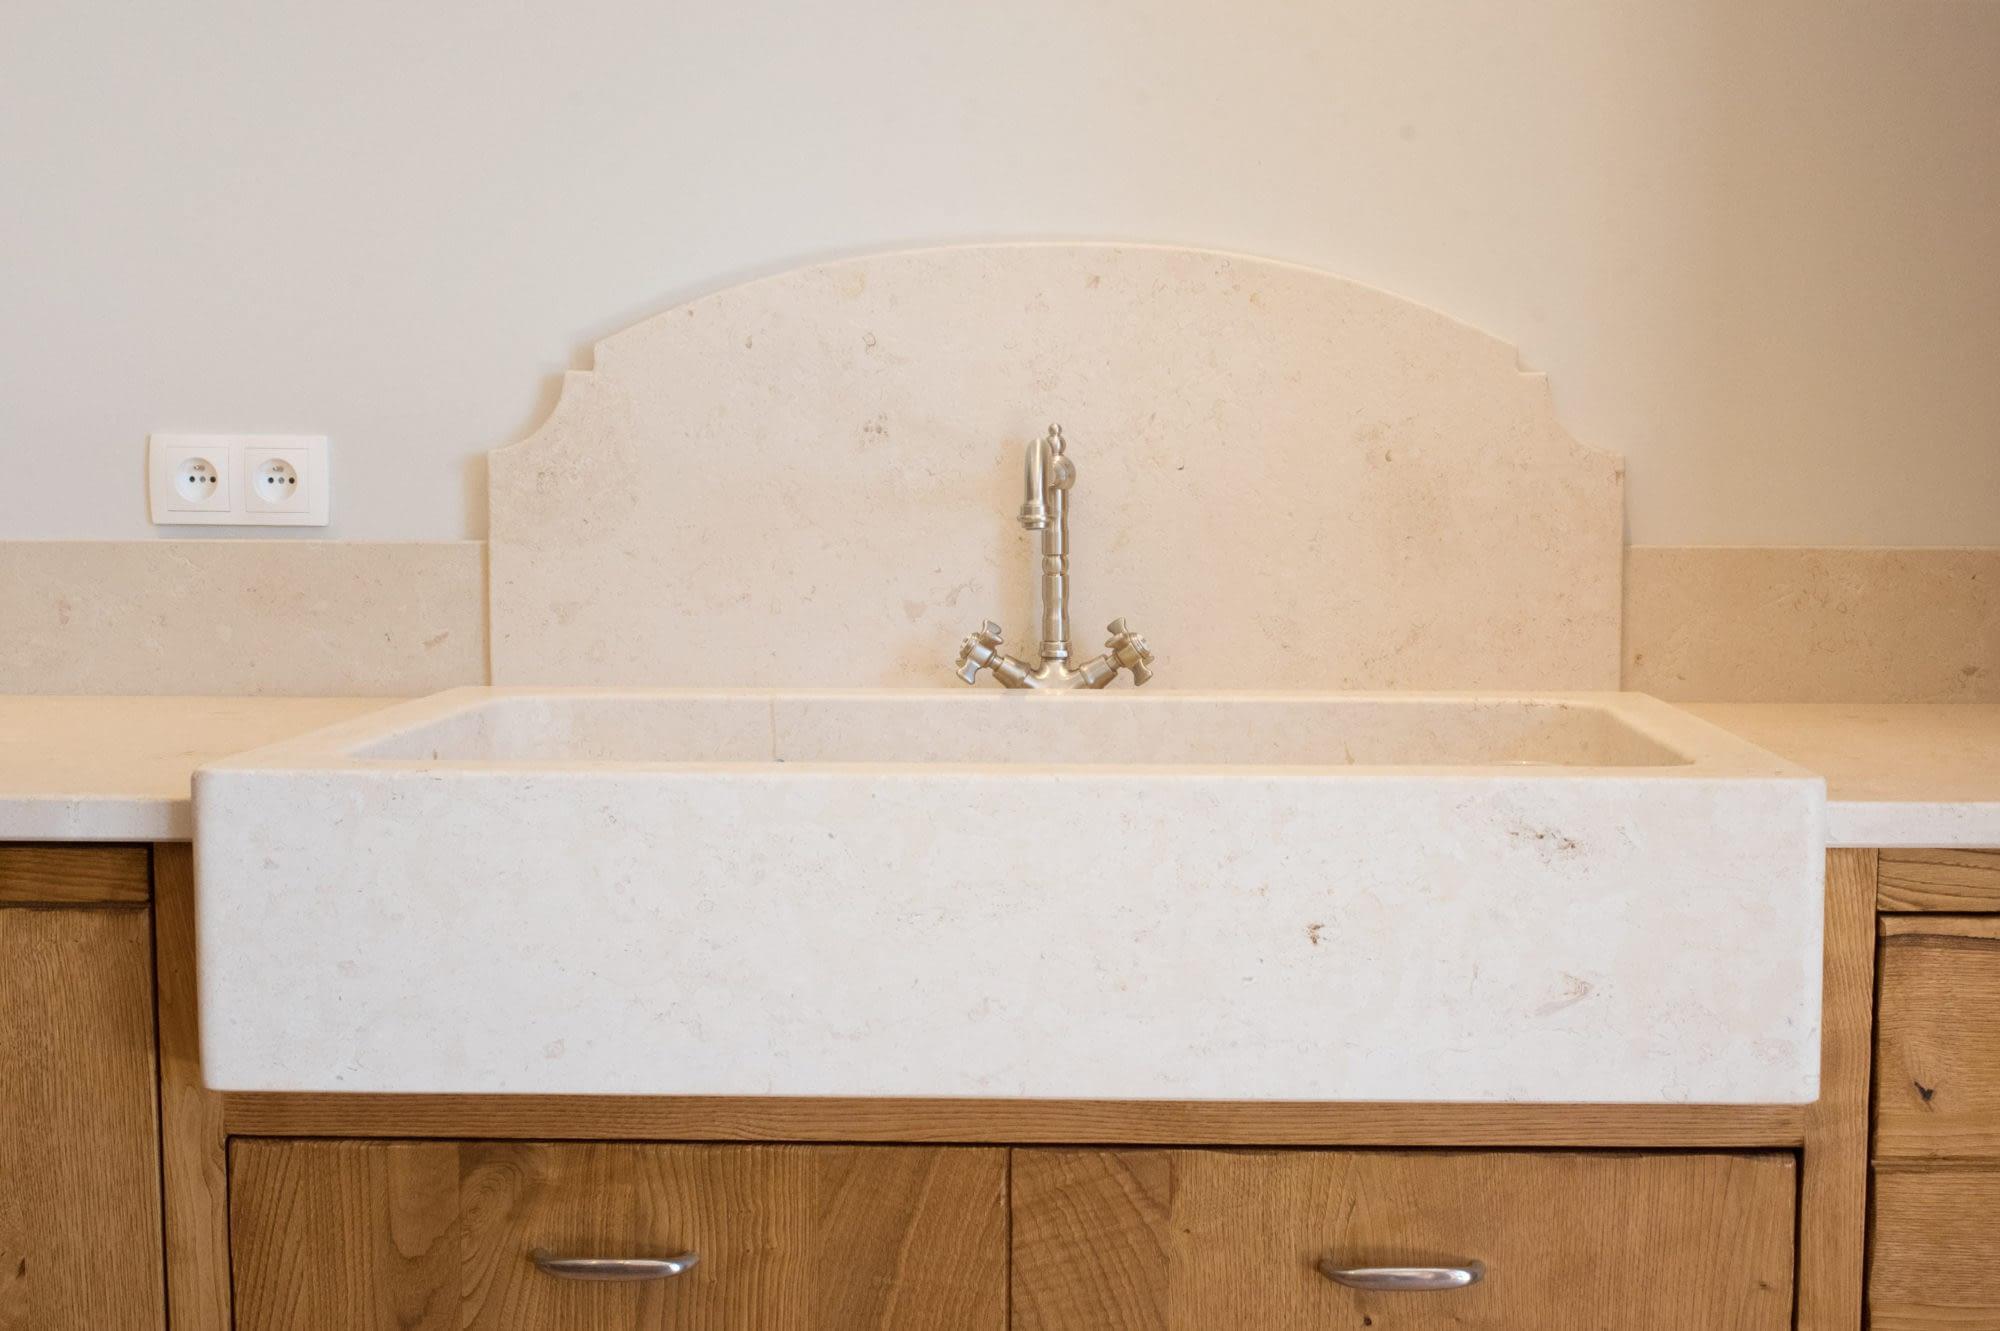 Détail évier dans la cuisine Le grand chêne / Detail sink in the kitchen from the house Le grand chêne